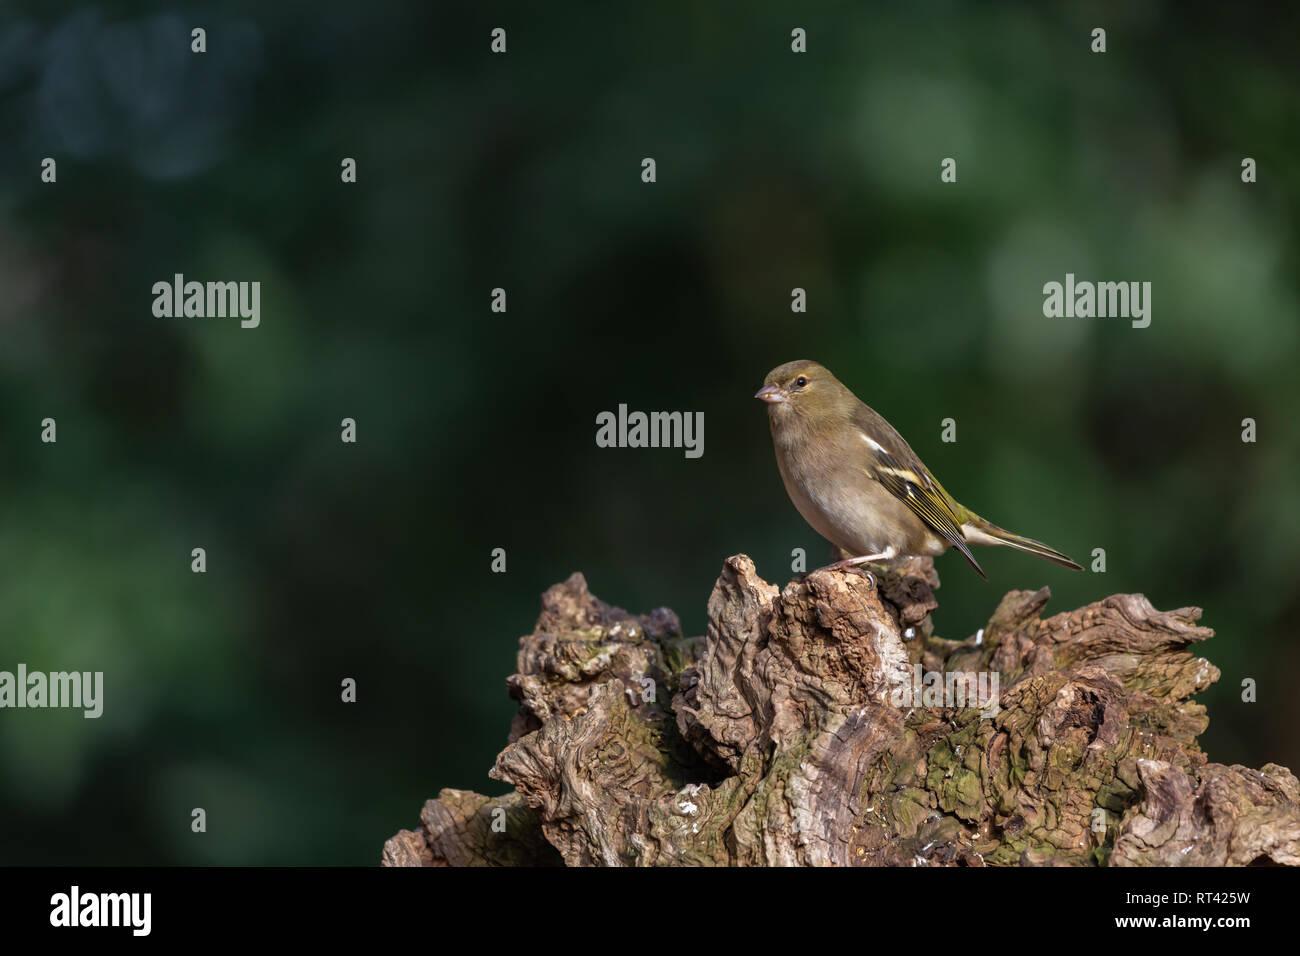 Grünfink auf einem Baumstamm - Stock Image